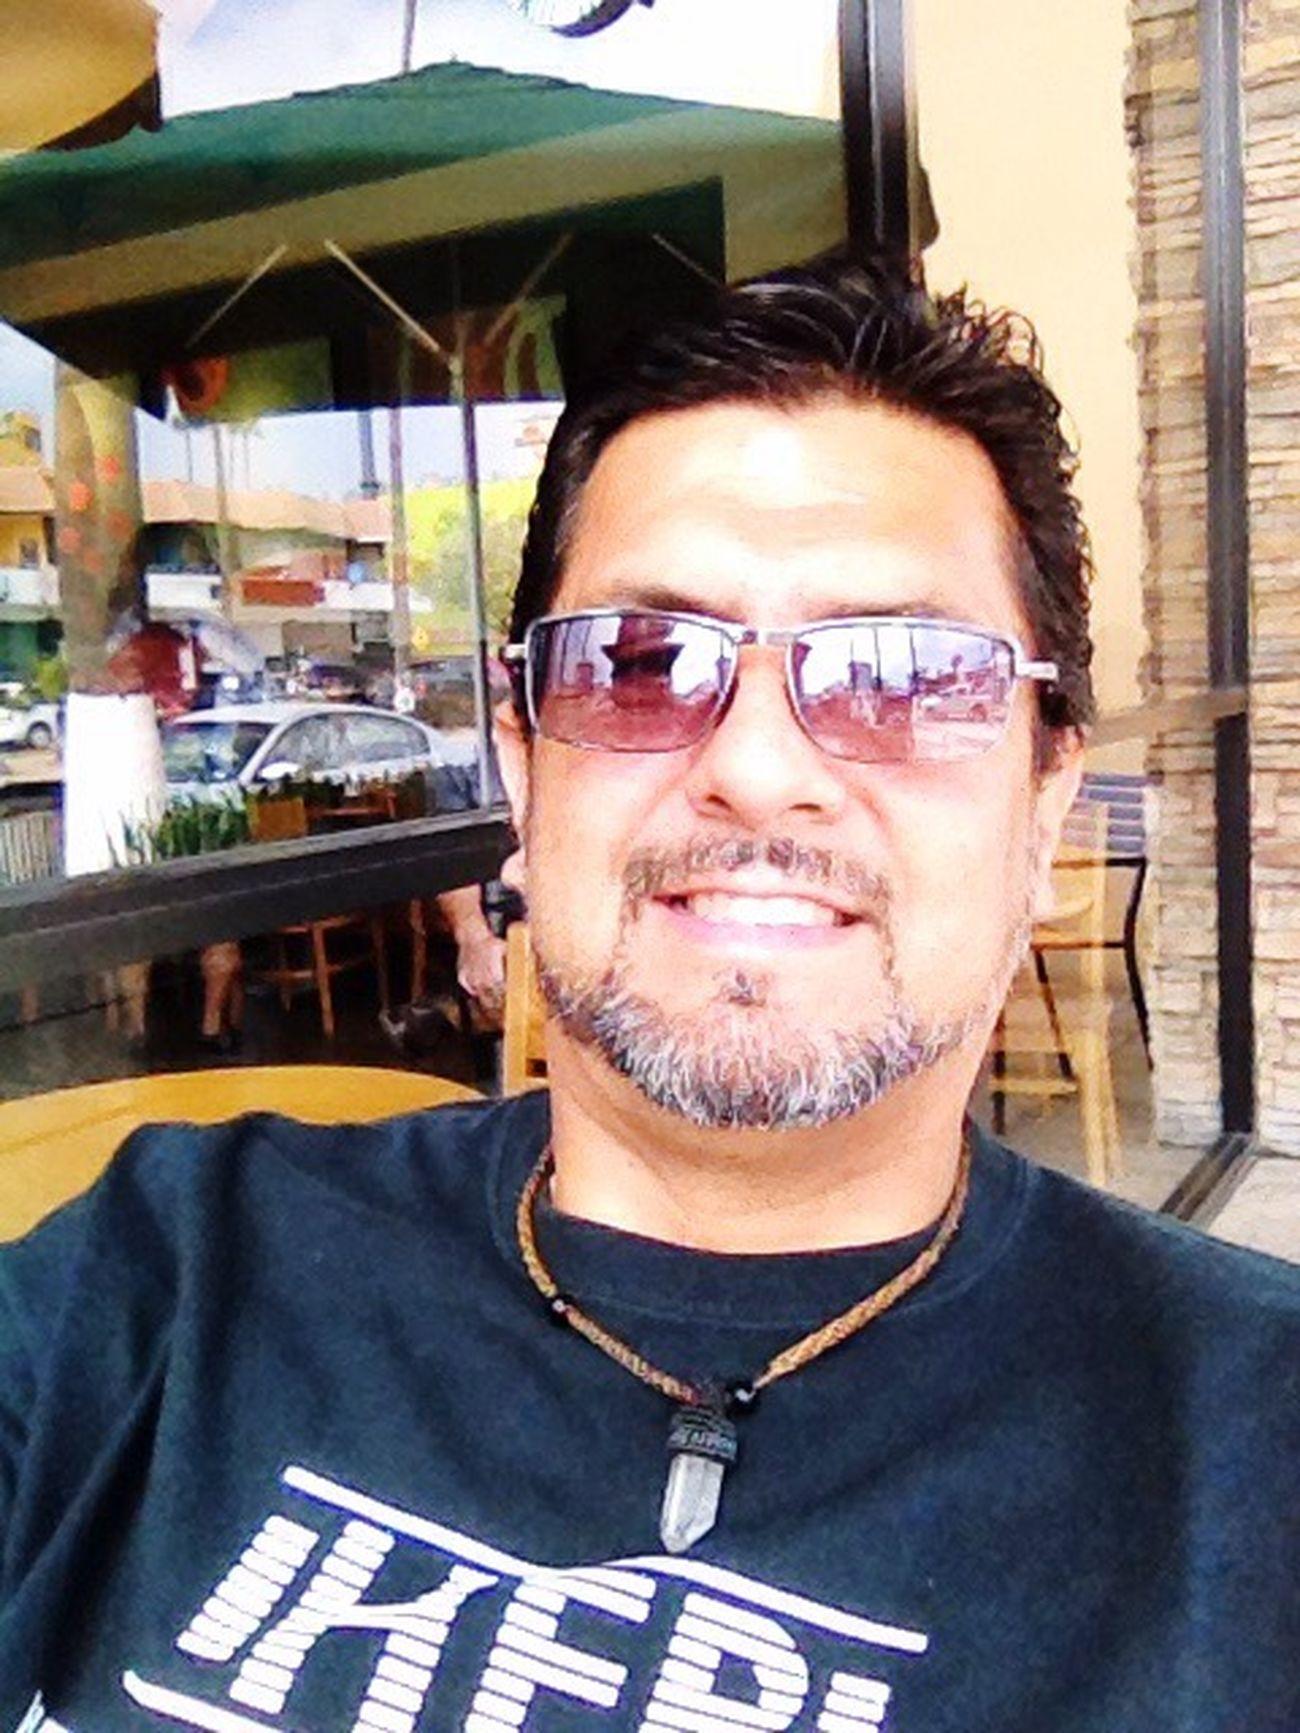 ANIMO DE LA MANO DE DIOS Y CON MUCHAS GANAS DE SALIR ADELANTE NADA TE PUEDE DETENER KIKETV!!